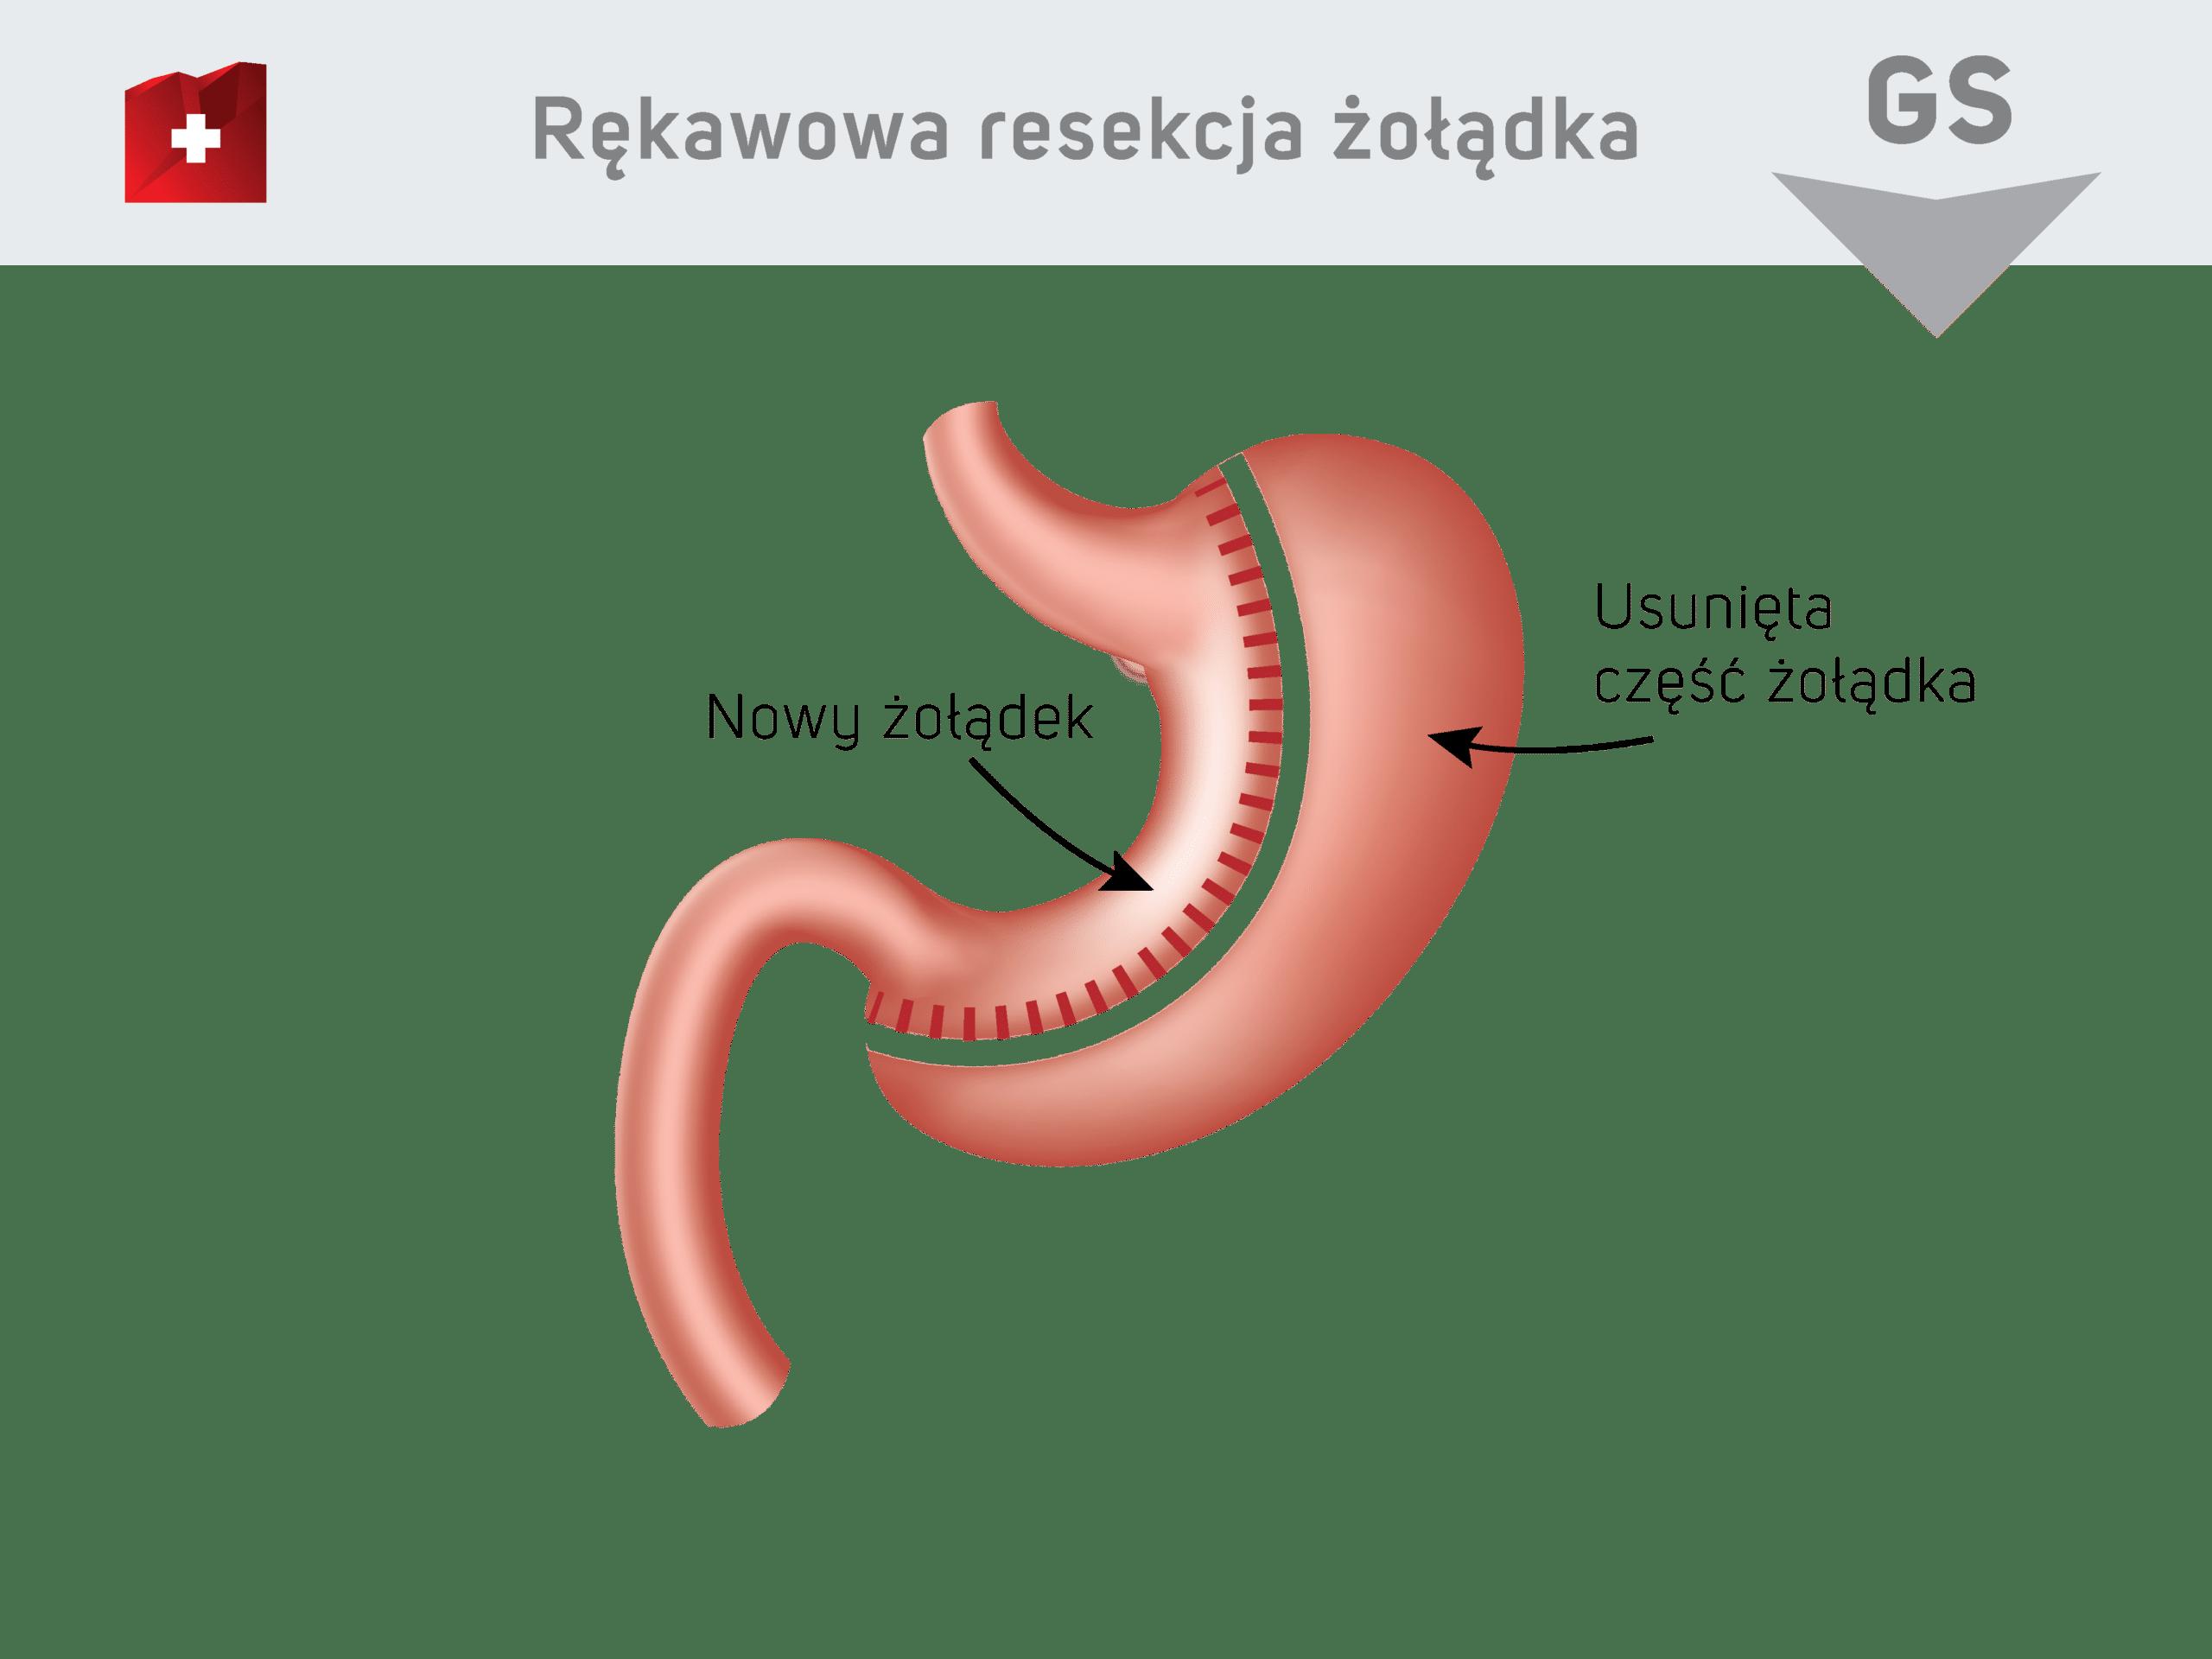 Rękawowa resekcja żołądka - nowy żołądek / usunieta część żołądka